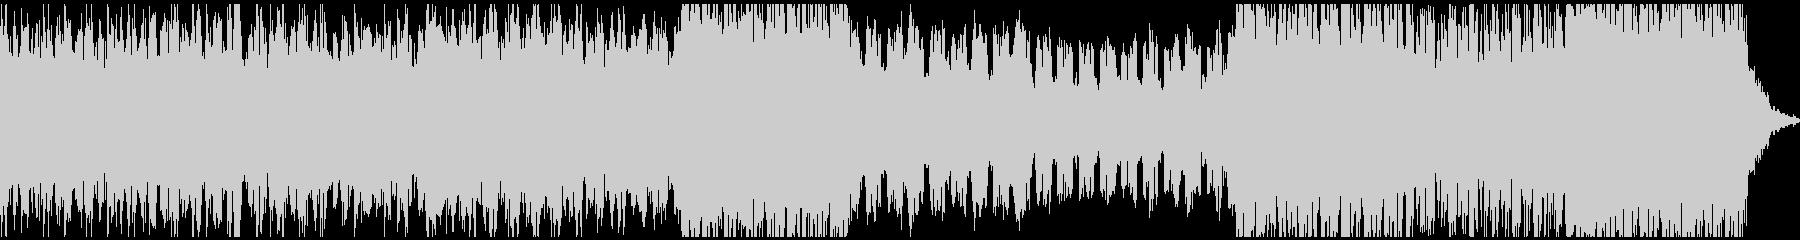 エレクトロニカバラードの未再生の波形